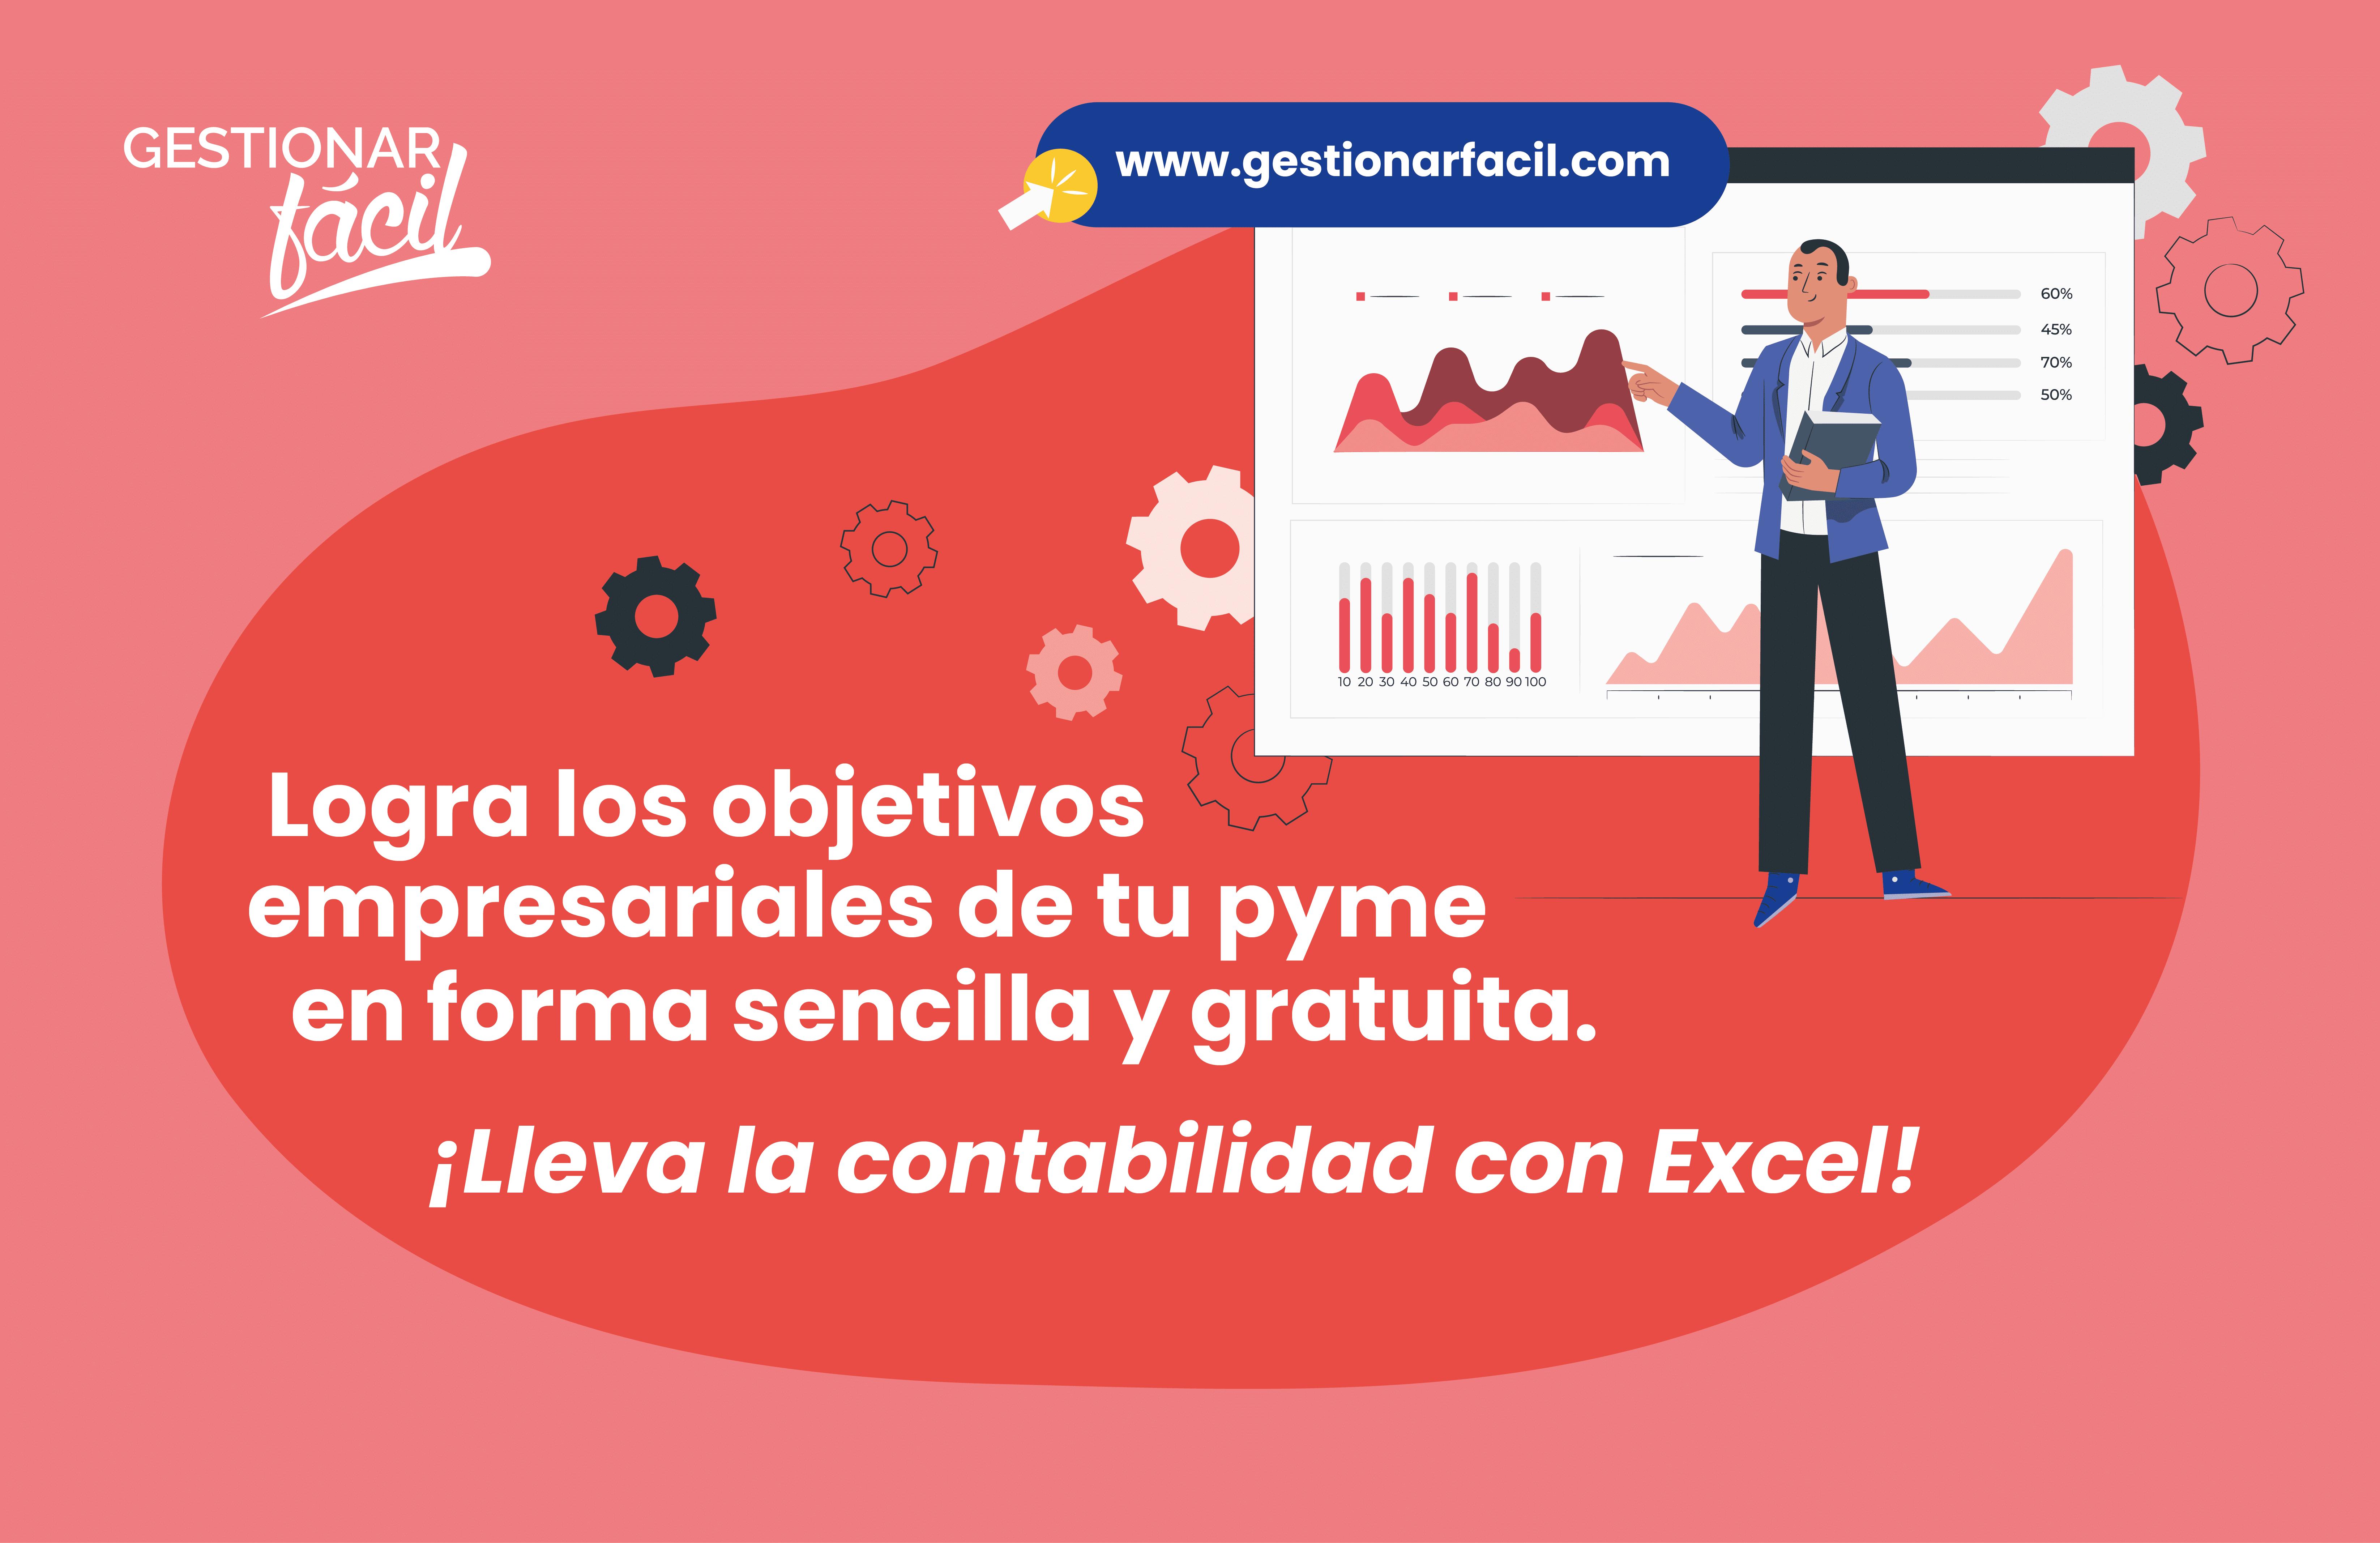 Logra los objetivos empresariales de tu pyme en forma sencilla y gratuita. ¡Lleva la contabilidad con Excel!